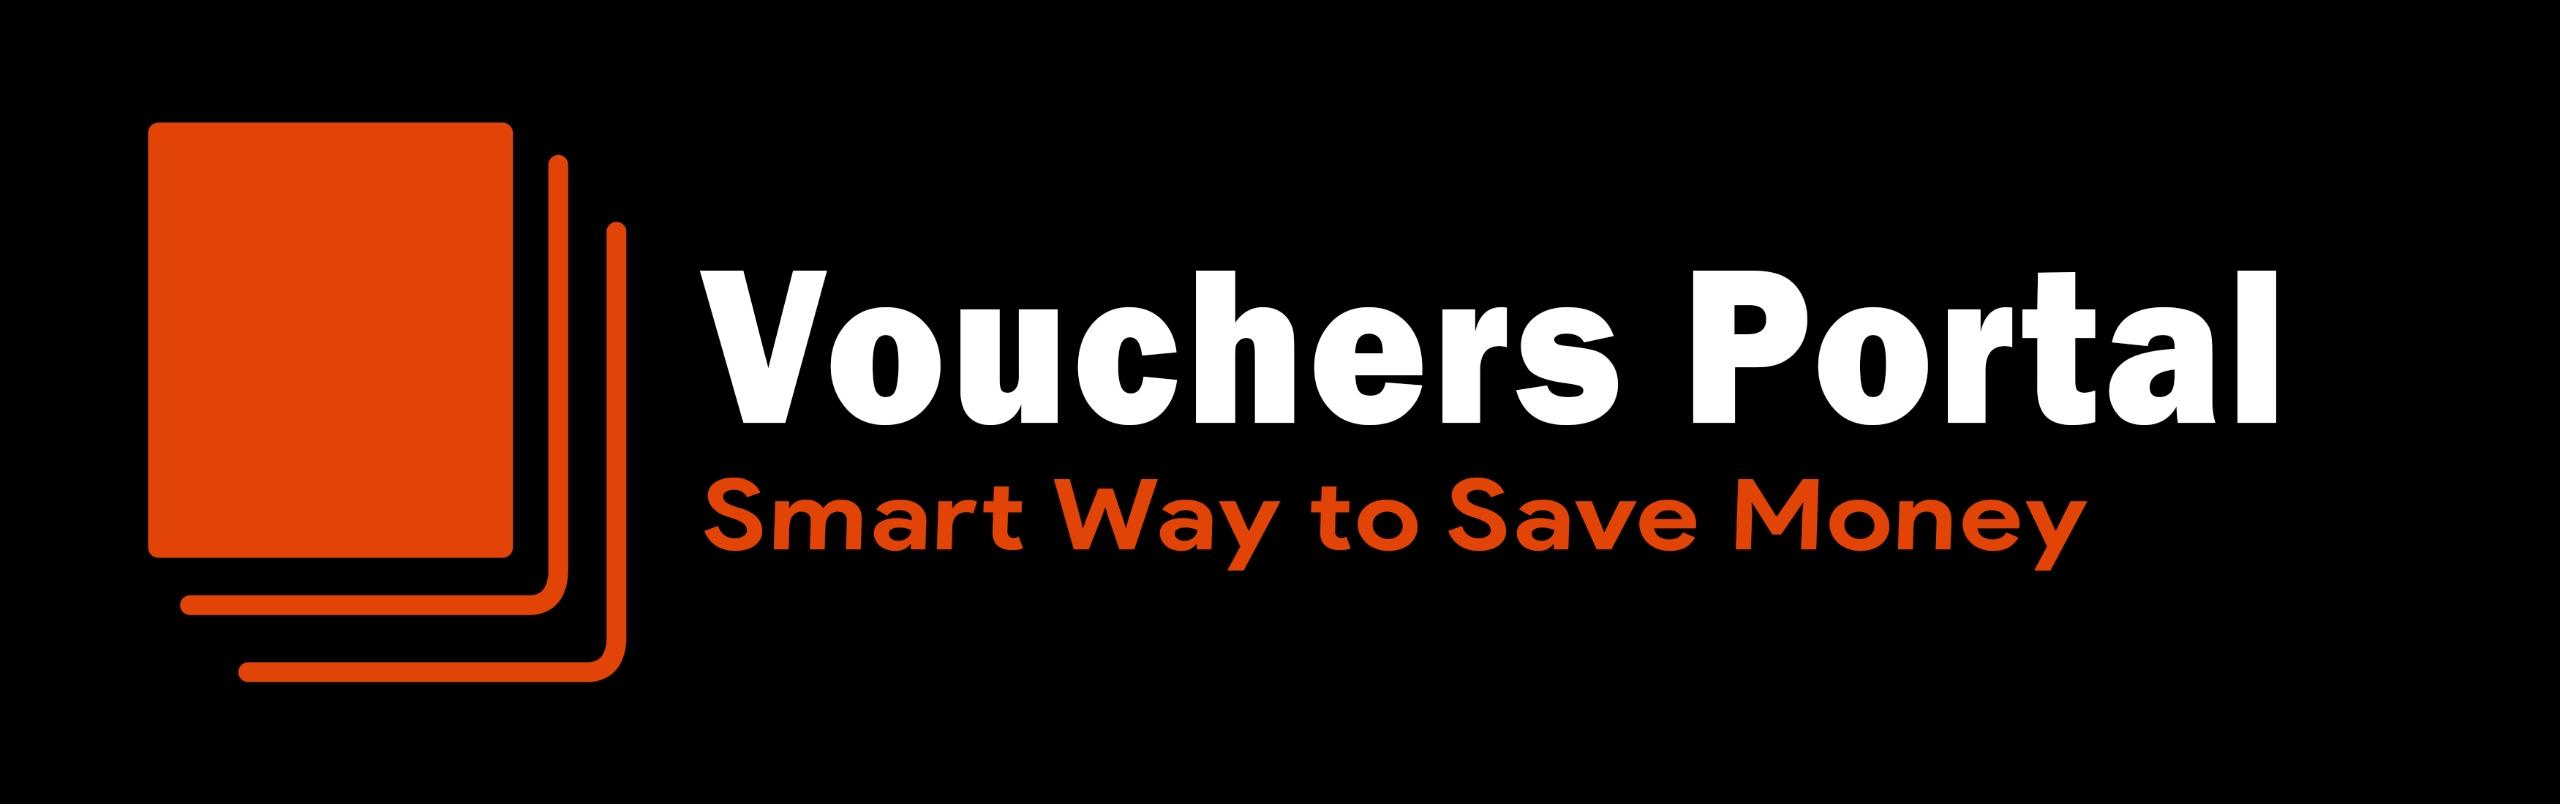 Vouchers Portal (@arun228) Cover Image